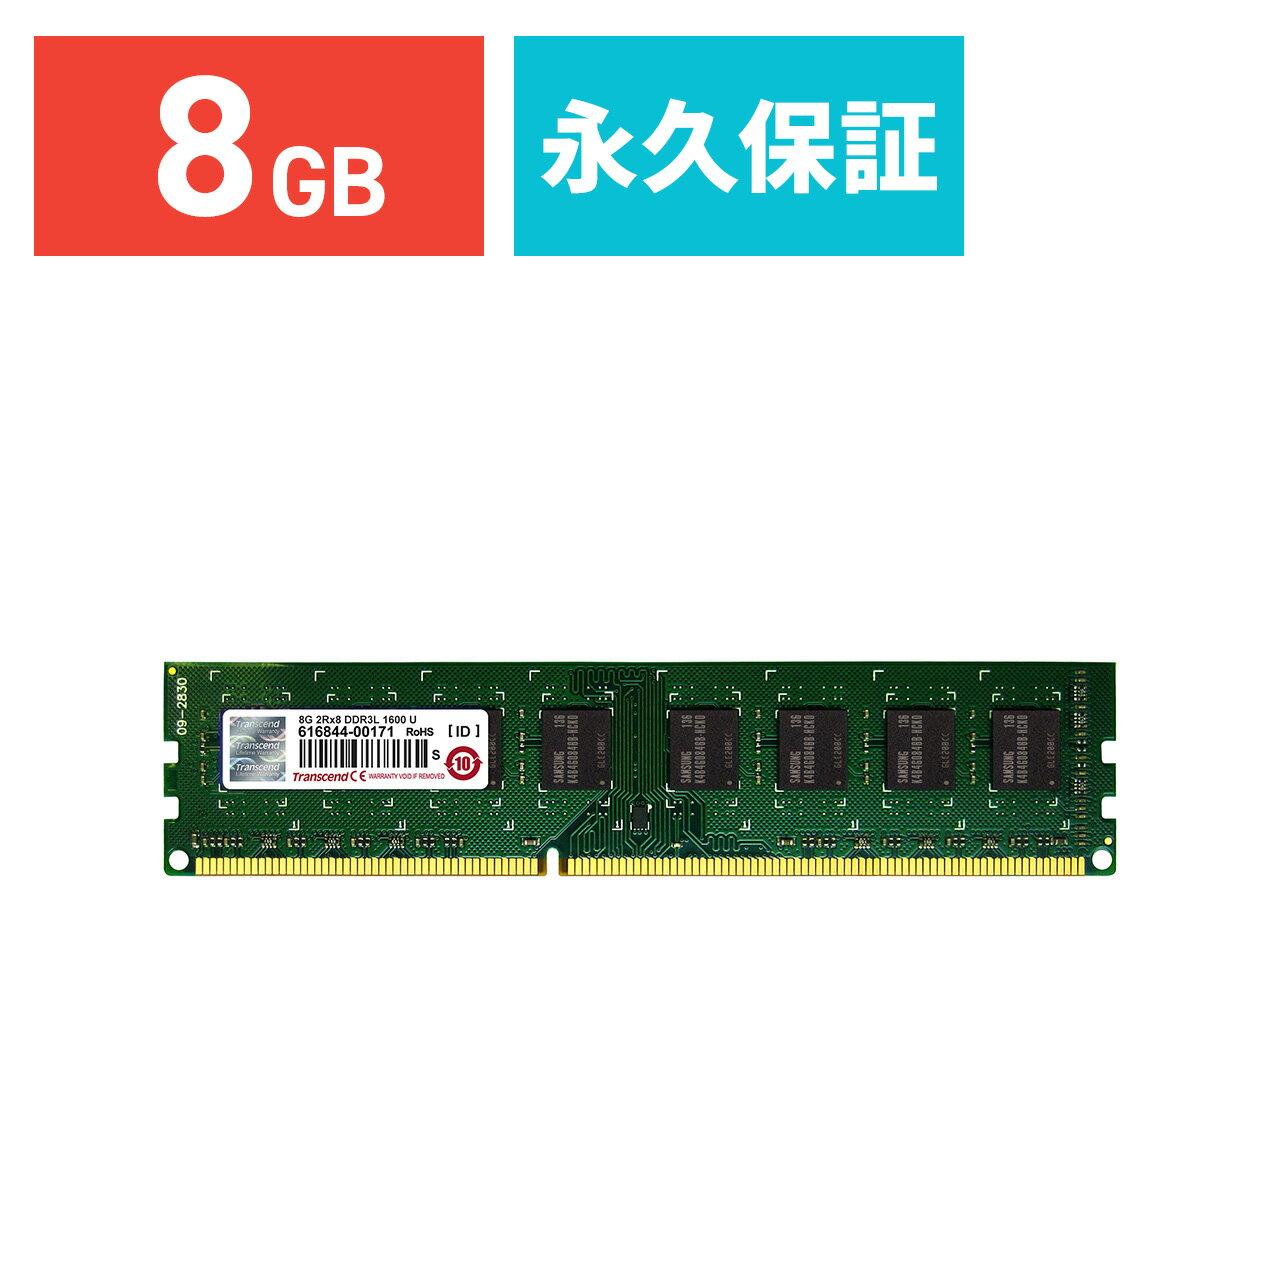 【4月25日値下げしました】Transcend 増設メモリ 8GB DDR3L-1600 PC3L-12800 DIMM PCメモリ メモリー モジュール[TS1GLK64W6H]【ネコポス対応】【楽天BOX受取対象商品】【送料無料】